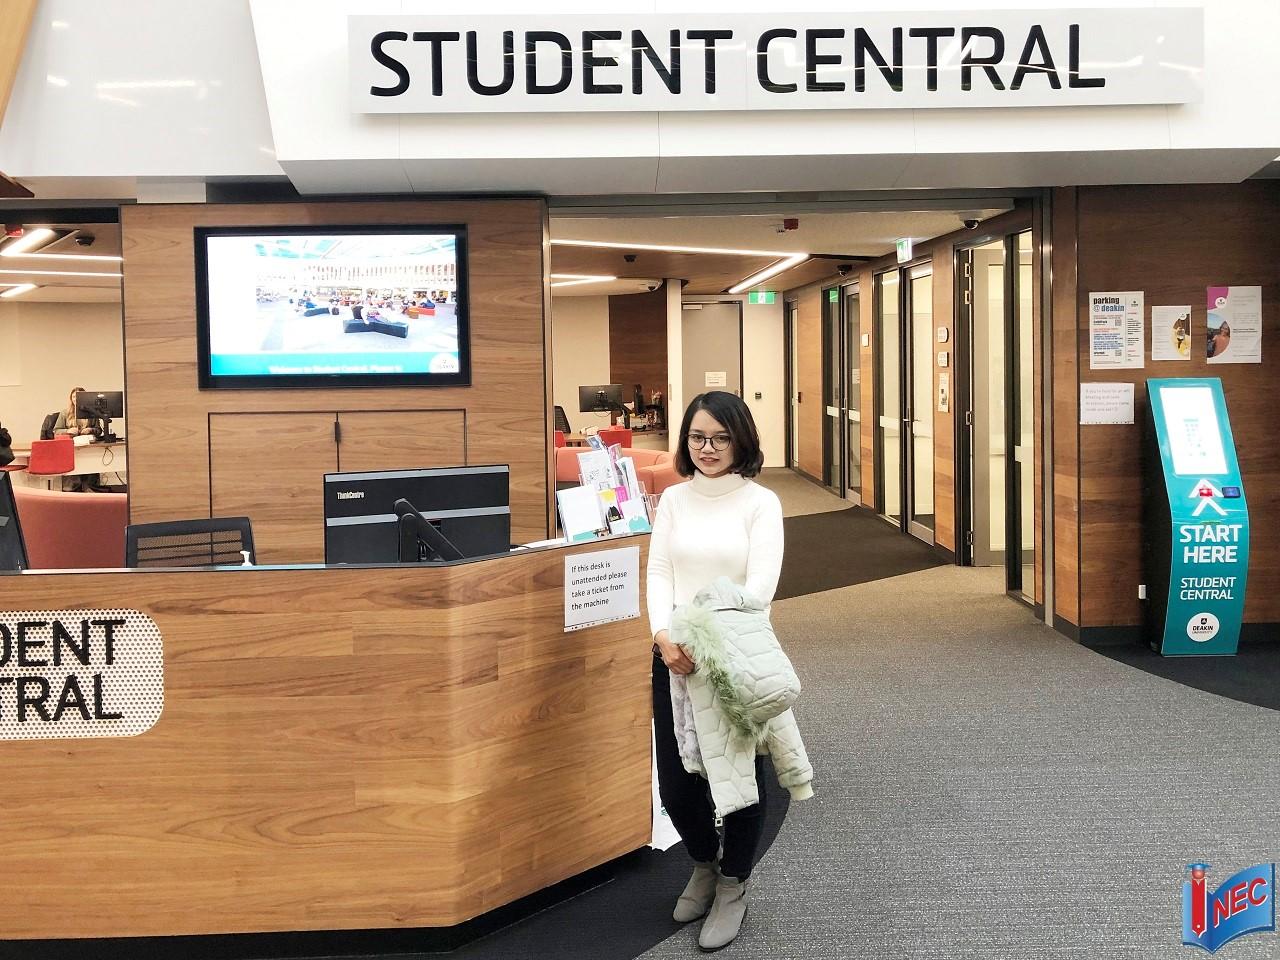 Đại diện Du học INEC trong chuyến thăm trường tại Melbourne và Geelong tháng 8/2019